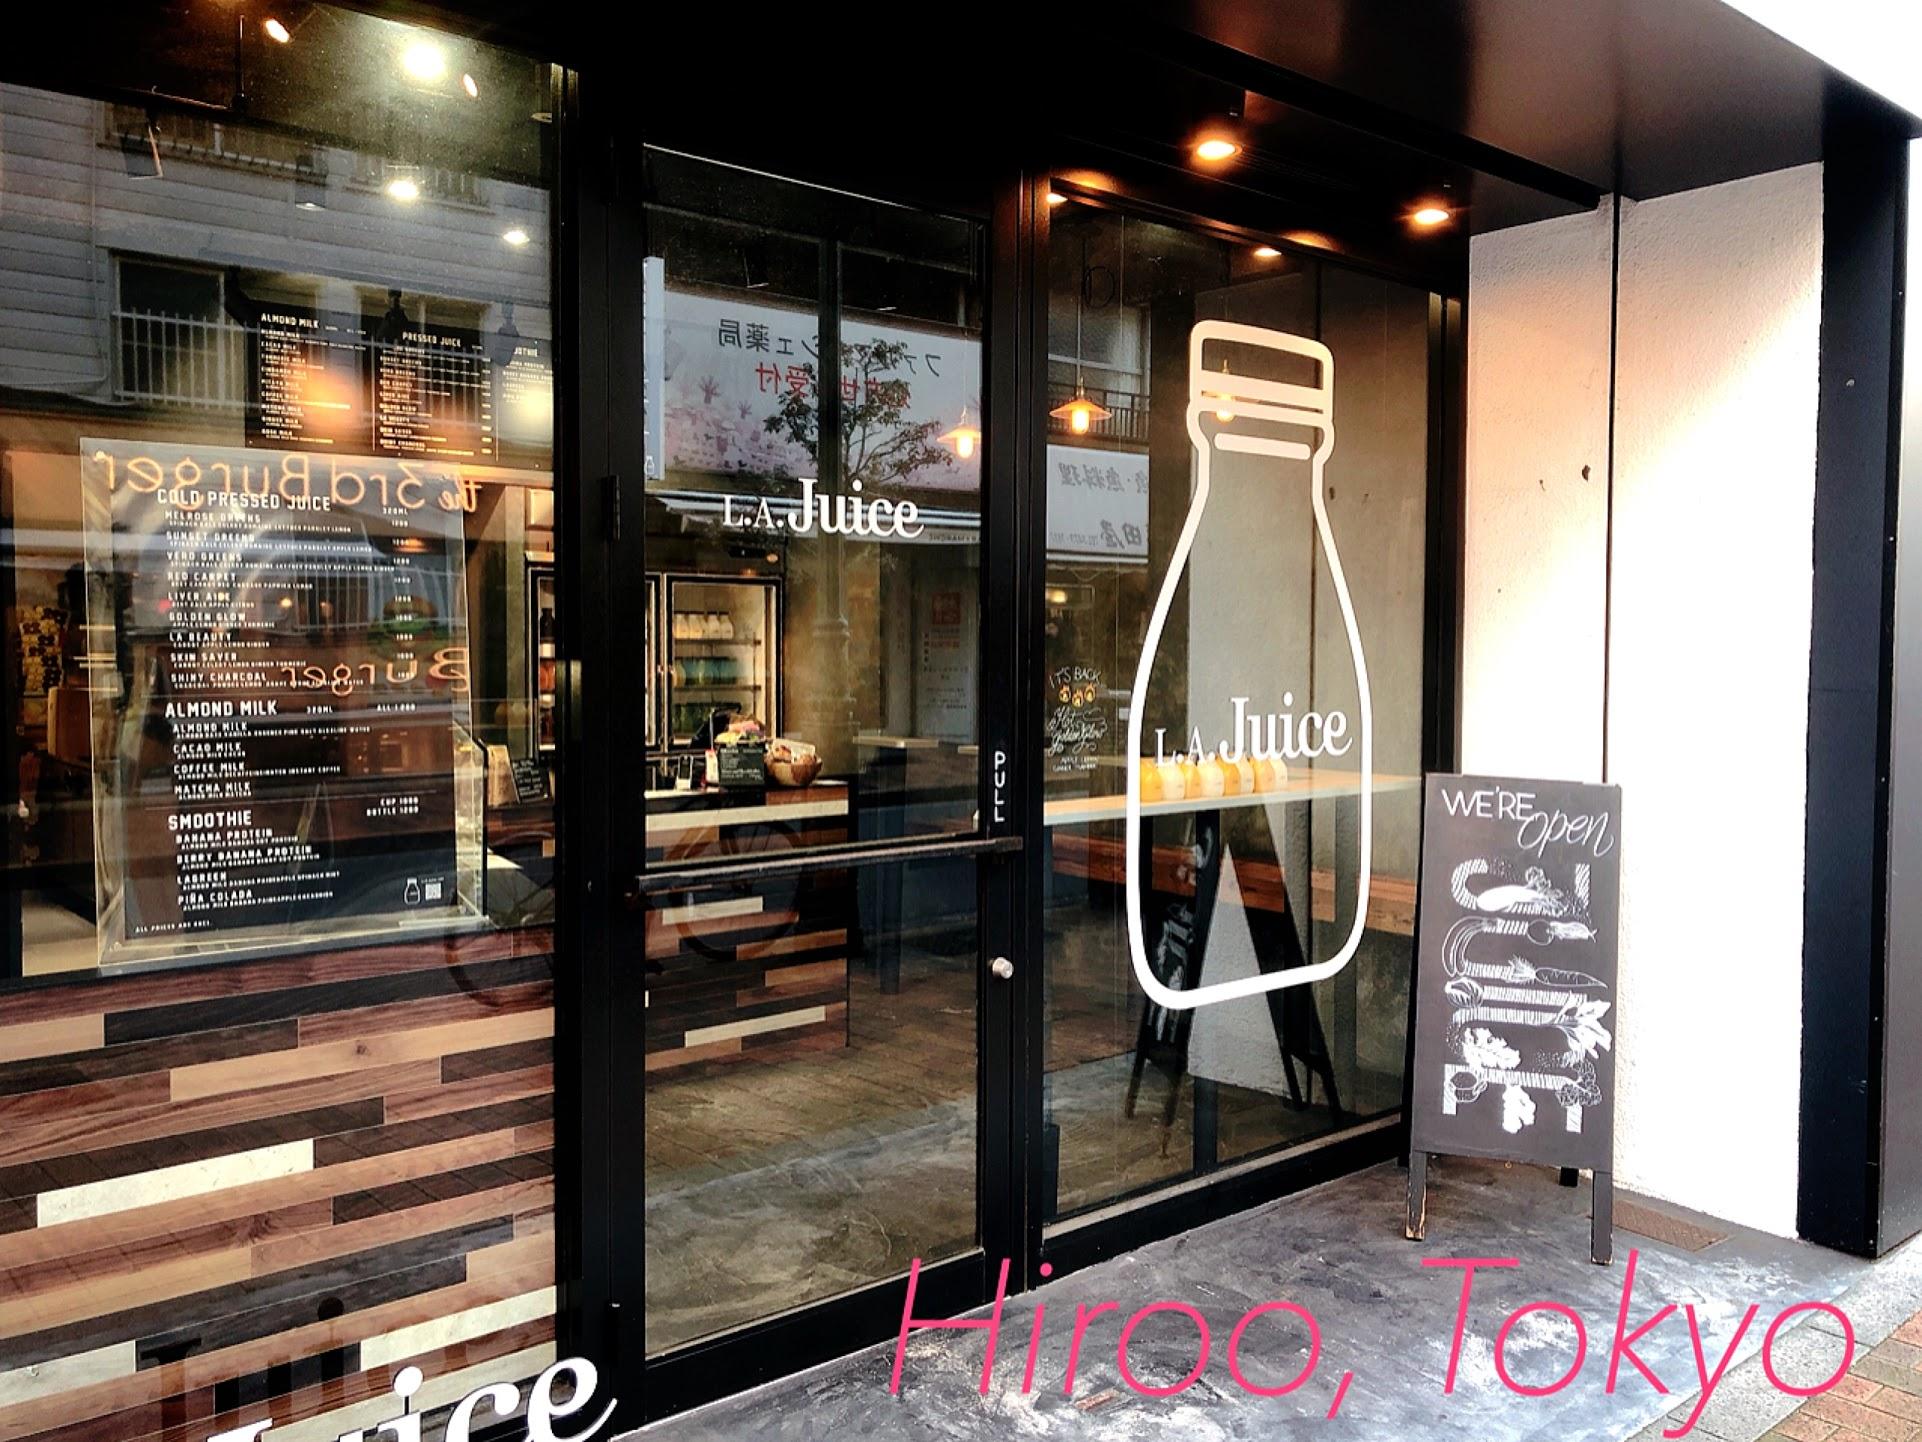 胃腸の休息デー【広尾散歩通り】L.A. Juice japanへの朝散歩♪